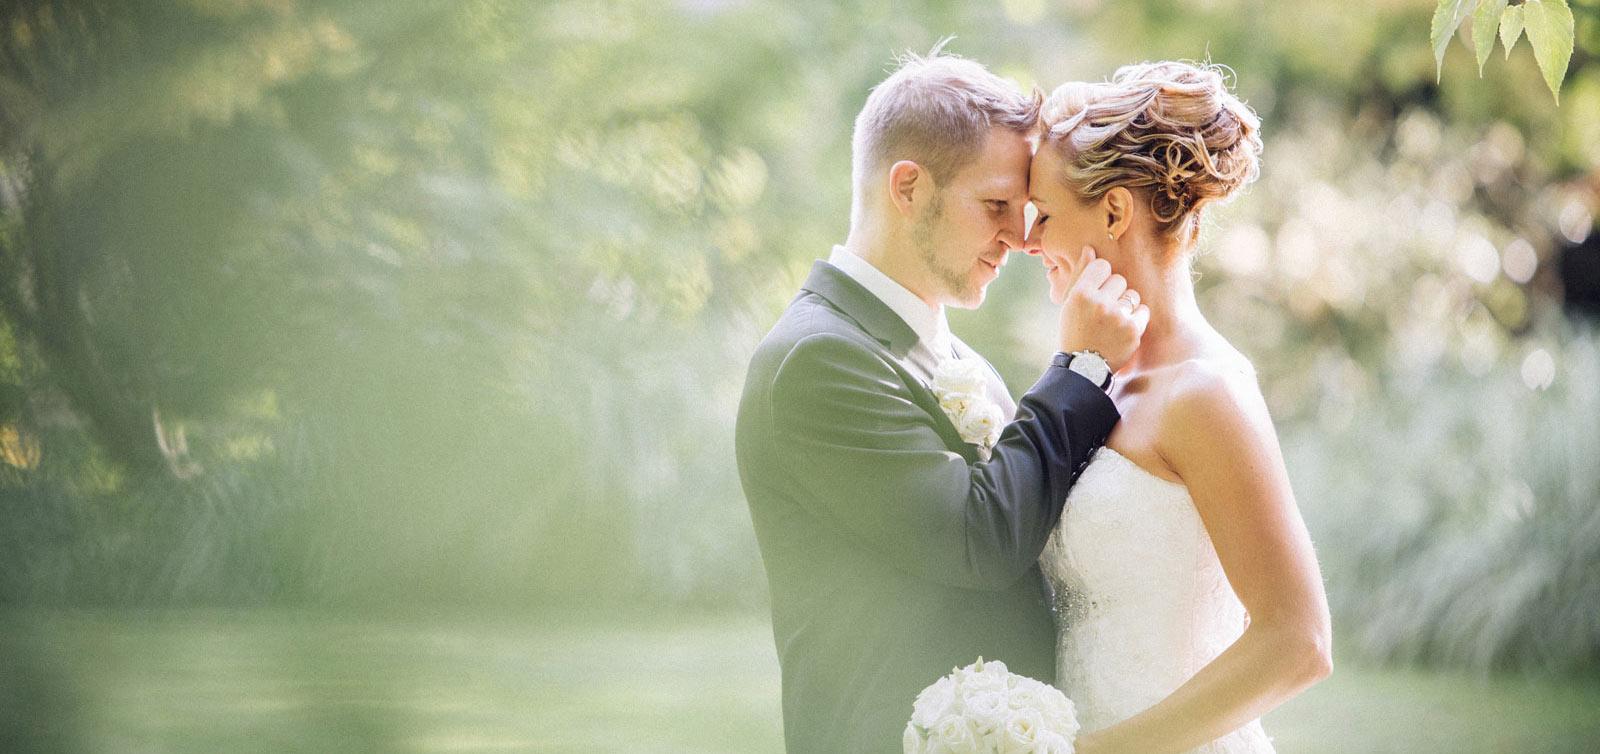 Hochzeitsfotograf buchen – Kosten und Hochzeitsfotografie Tipps